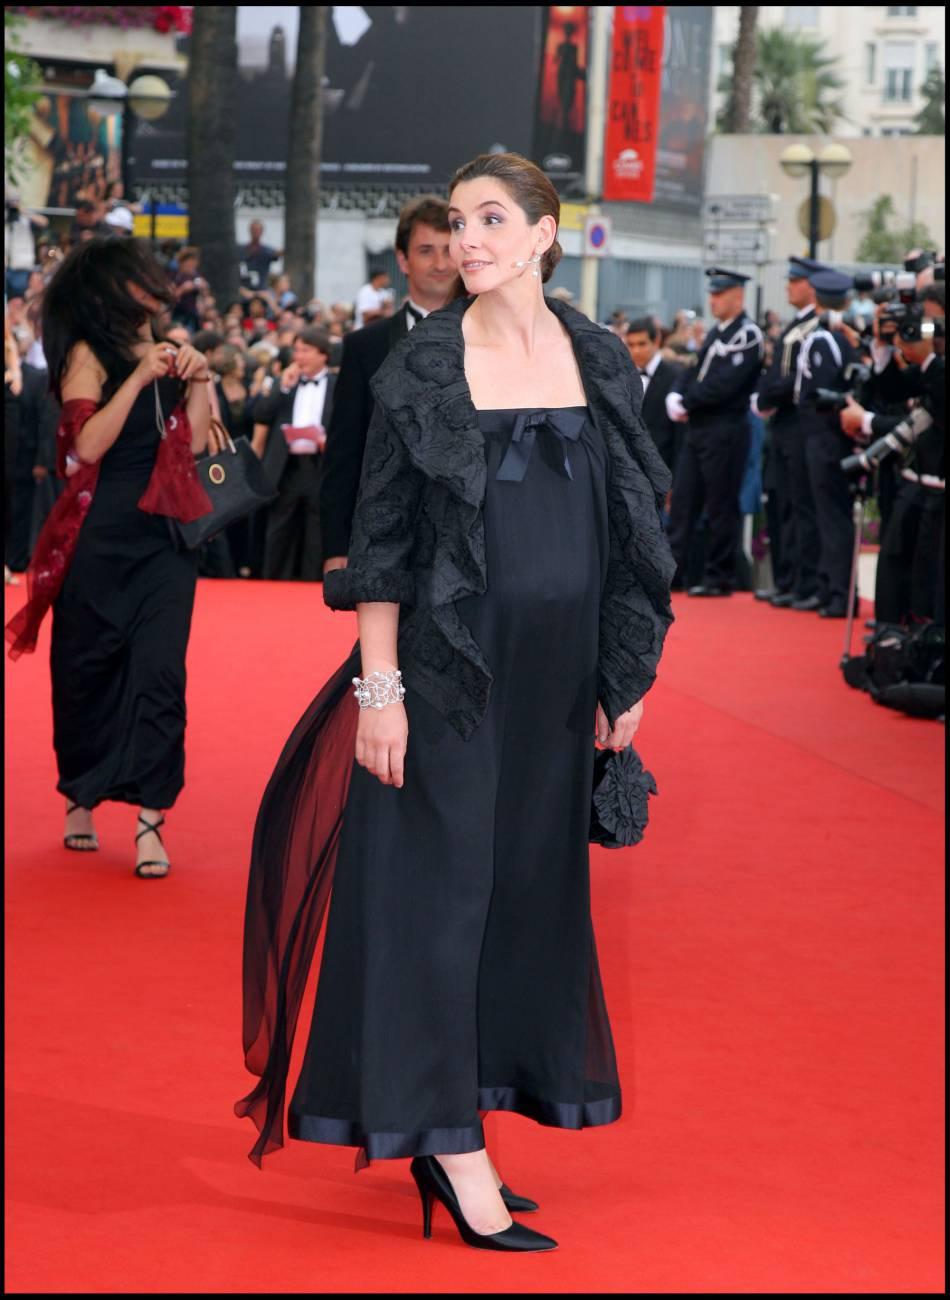 Clotilde Courau affiche son ventre rond pendant sa montée des marches à Cannes en 2006.